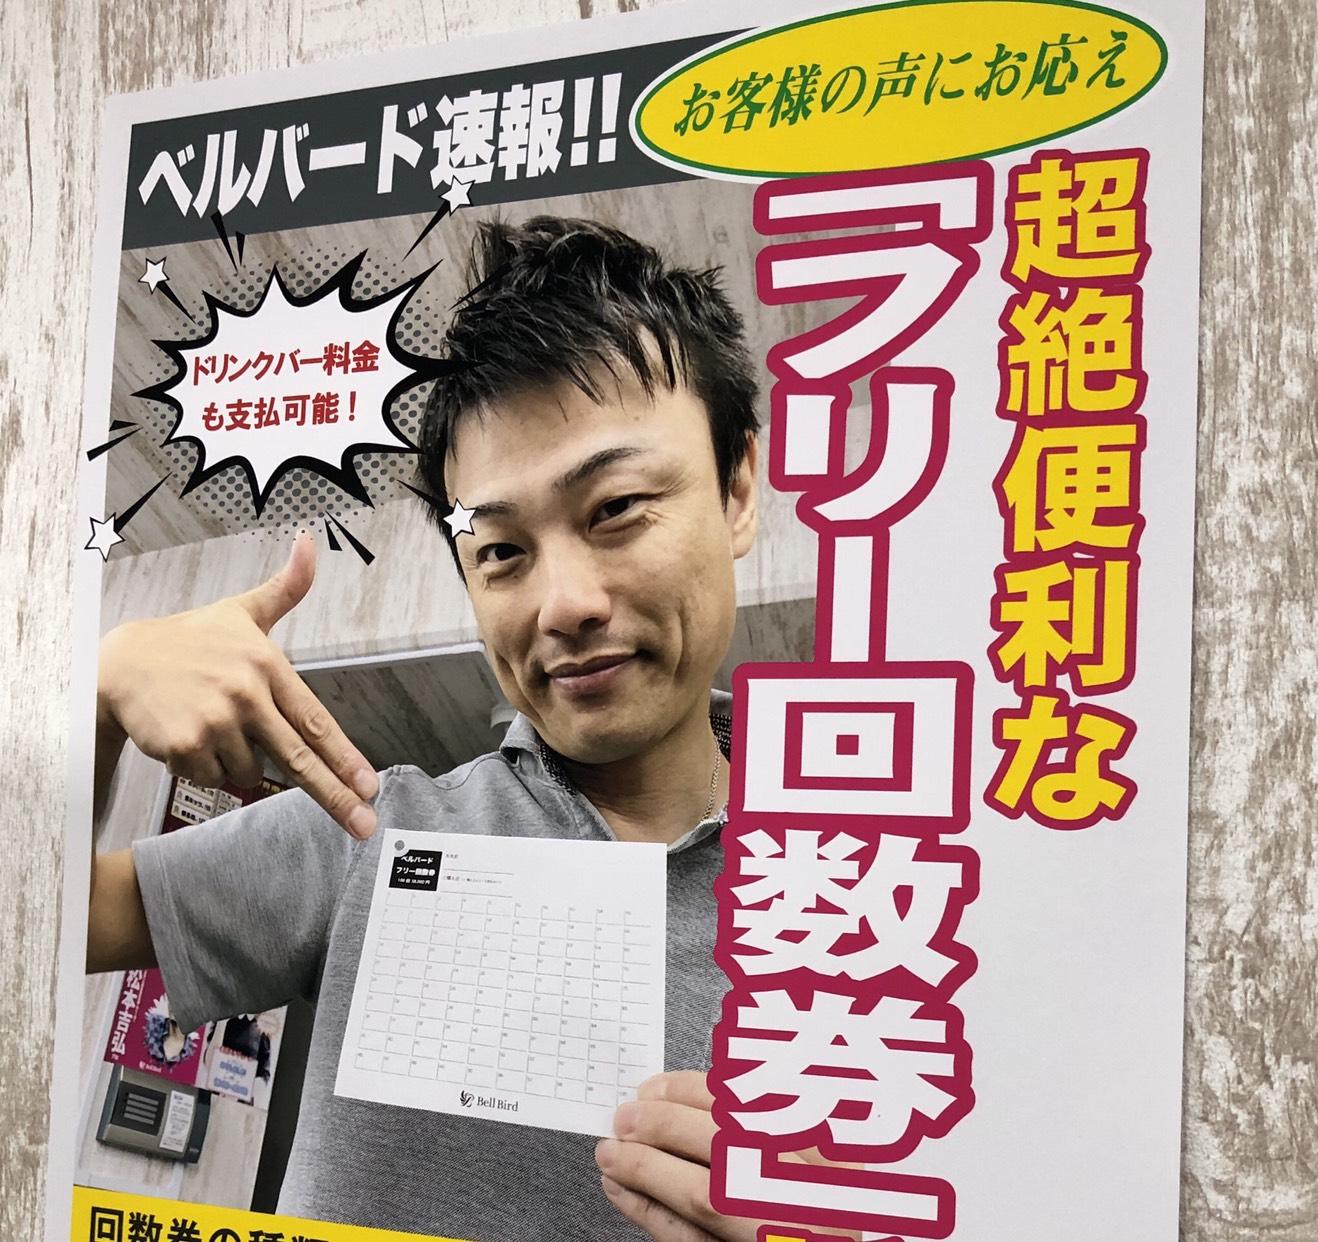 【速報】フリー回数券販売のお知らせ